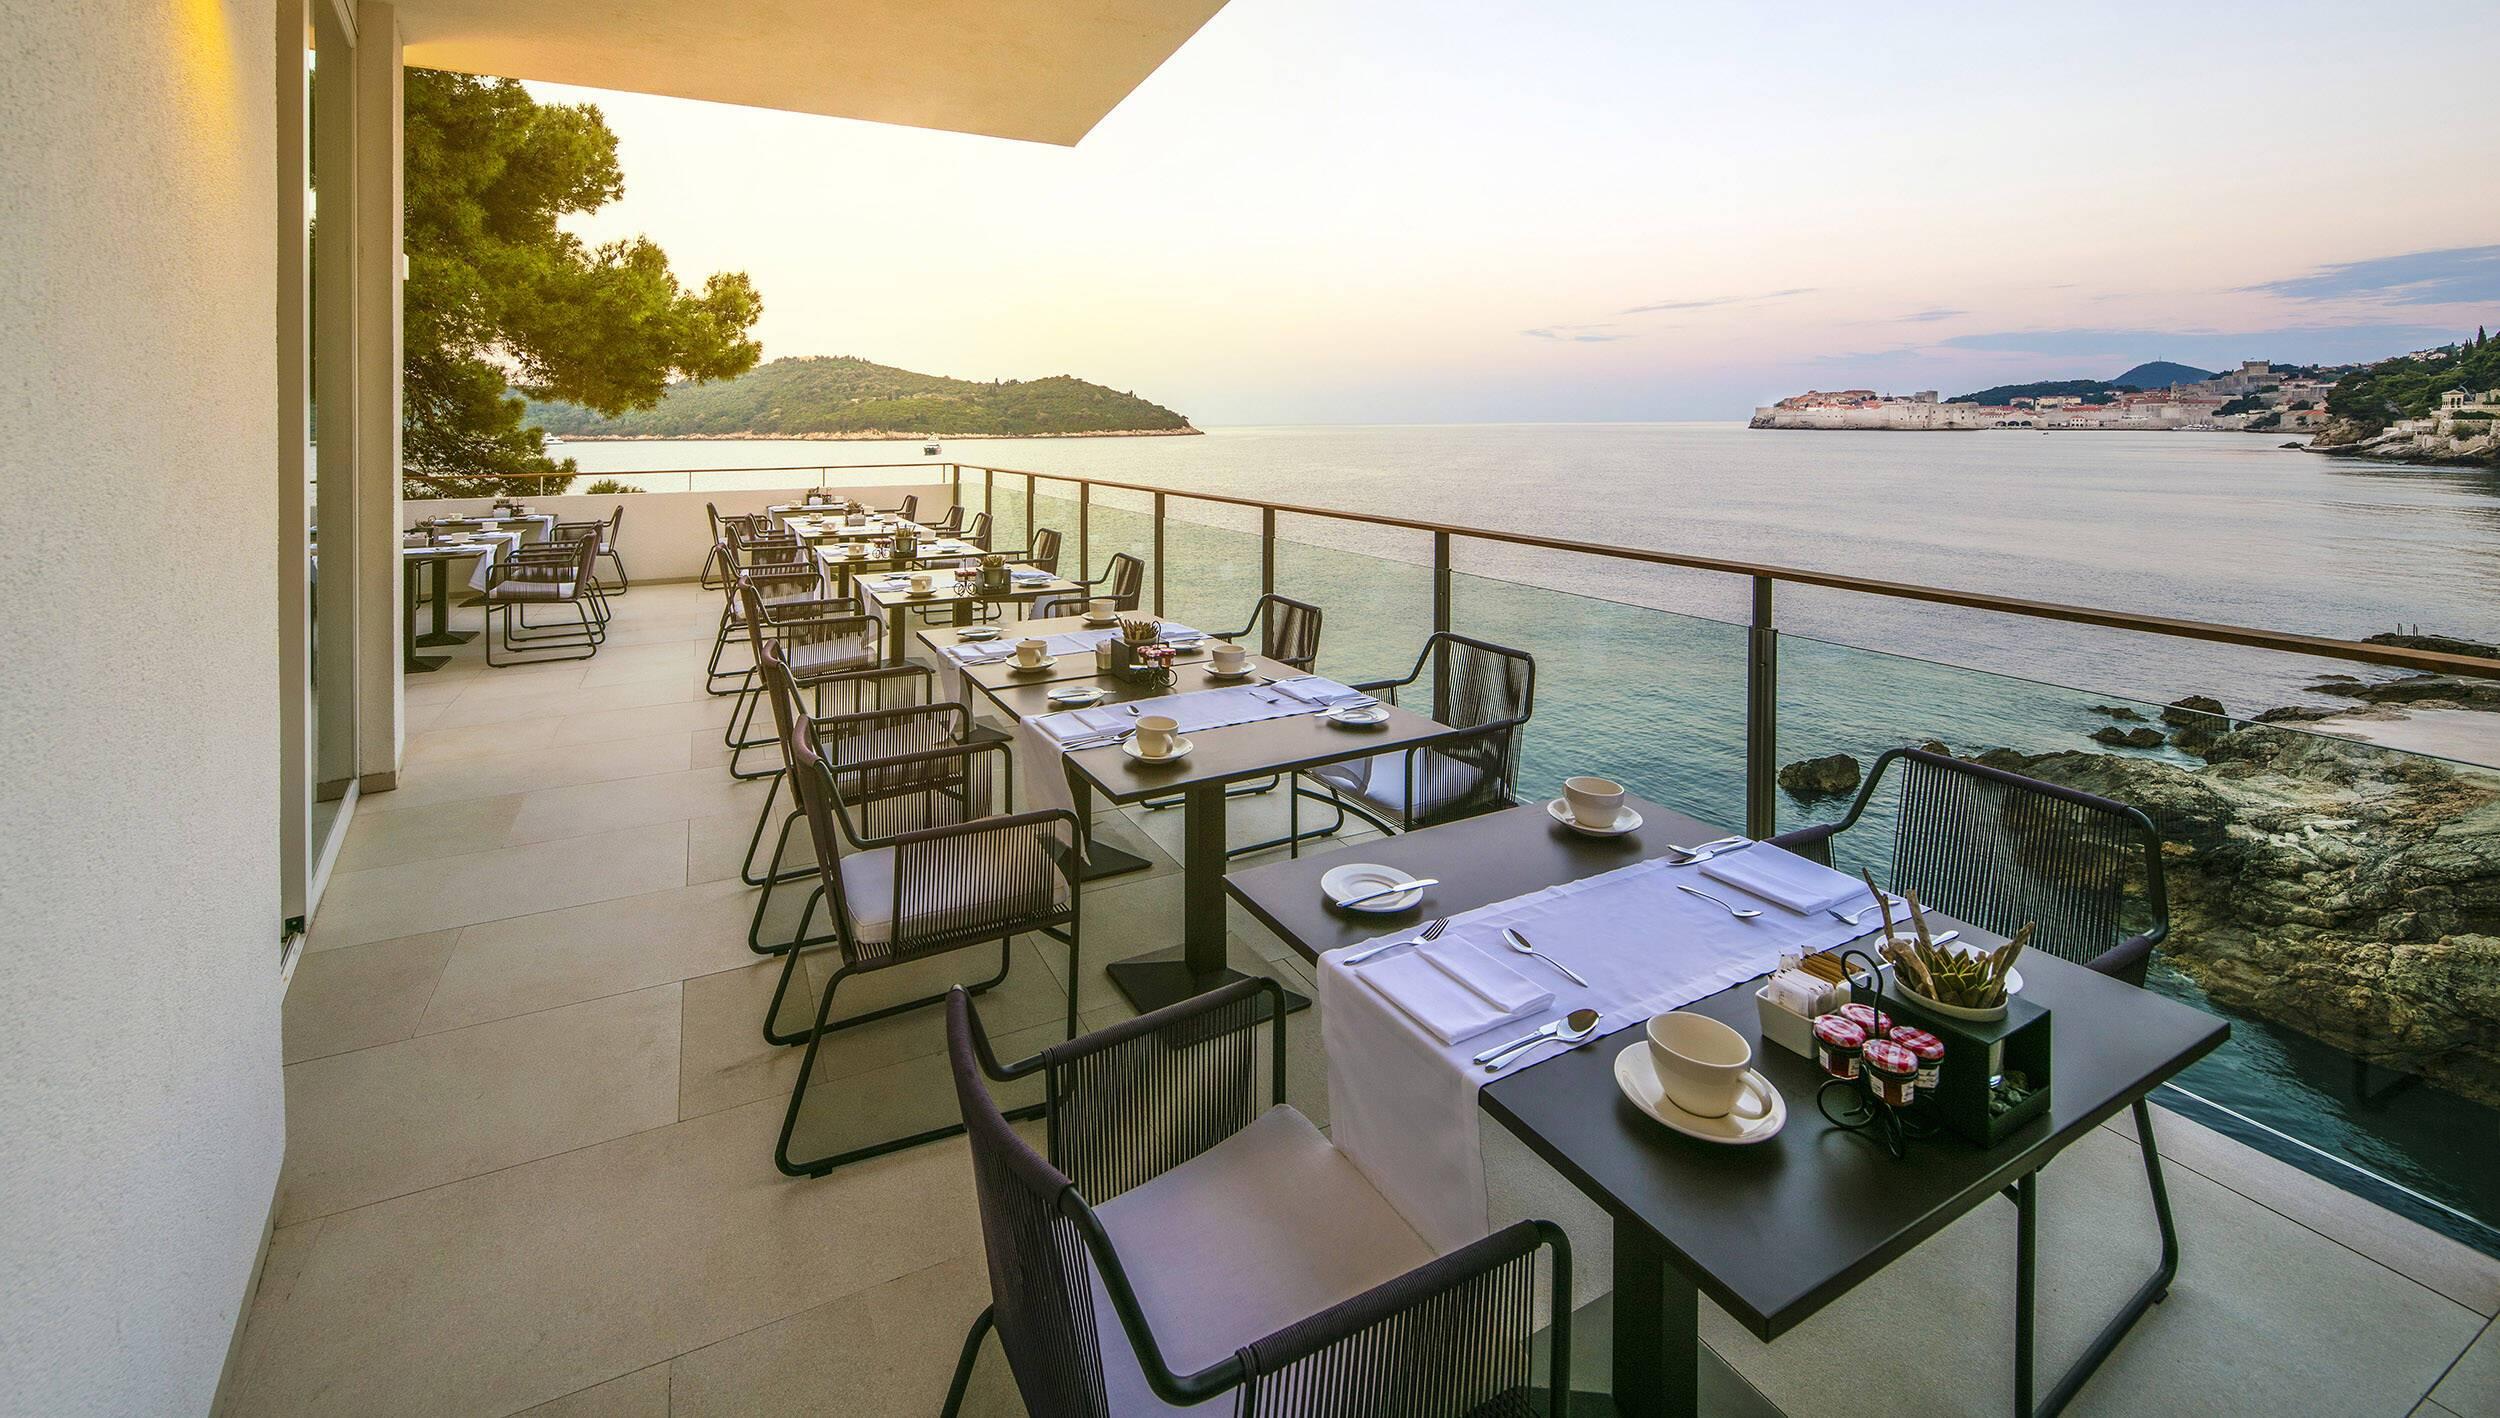 Villa Dubrovnik Restaurant Pjerin Croatie